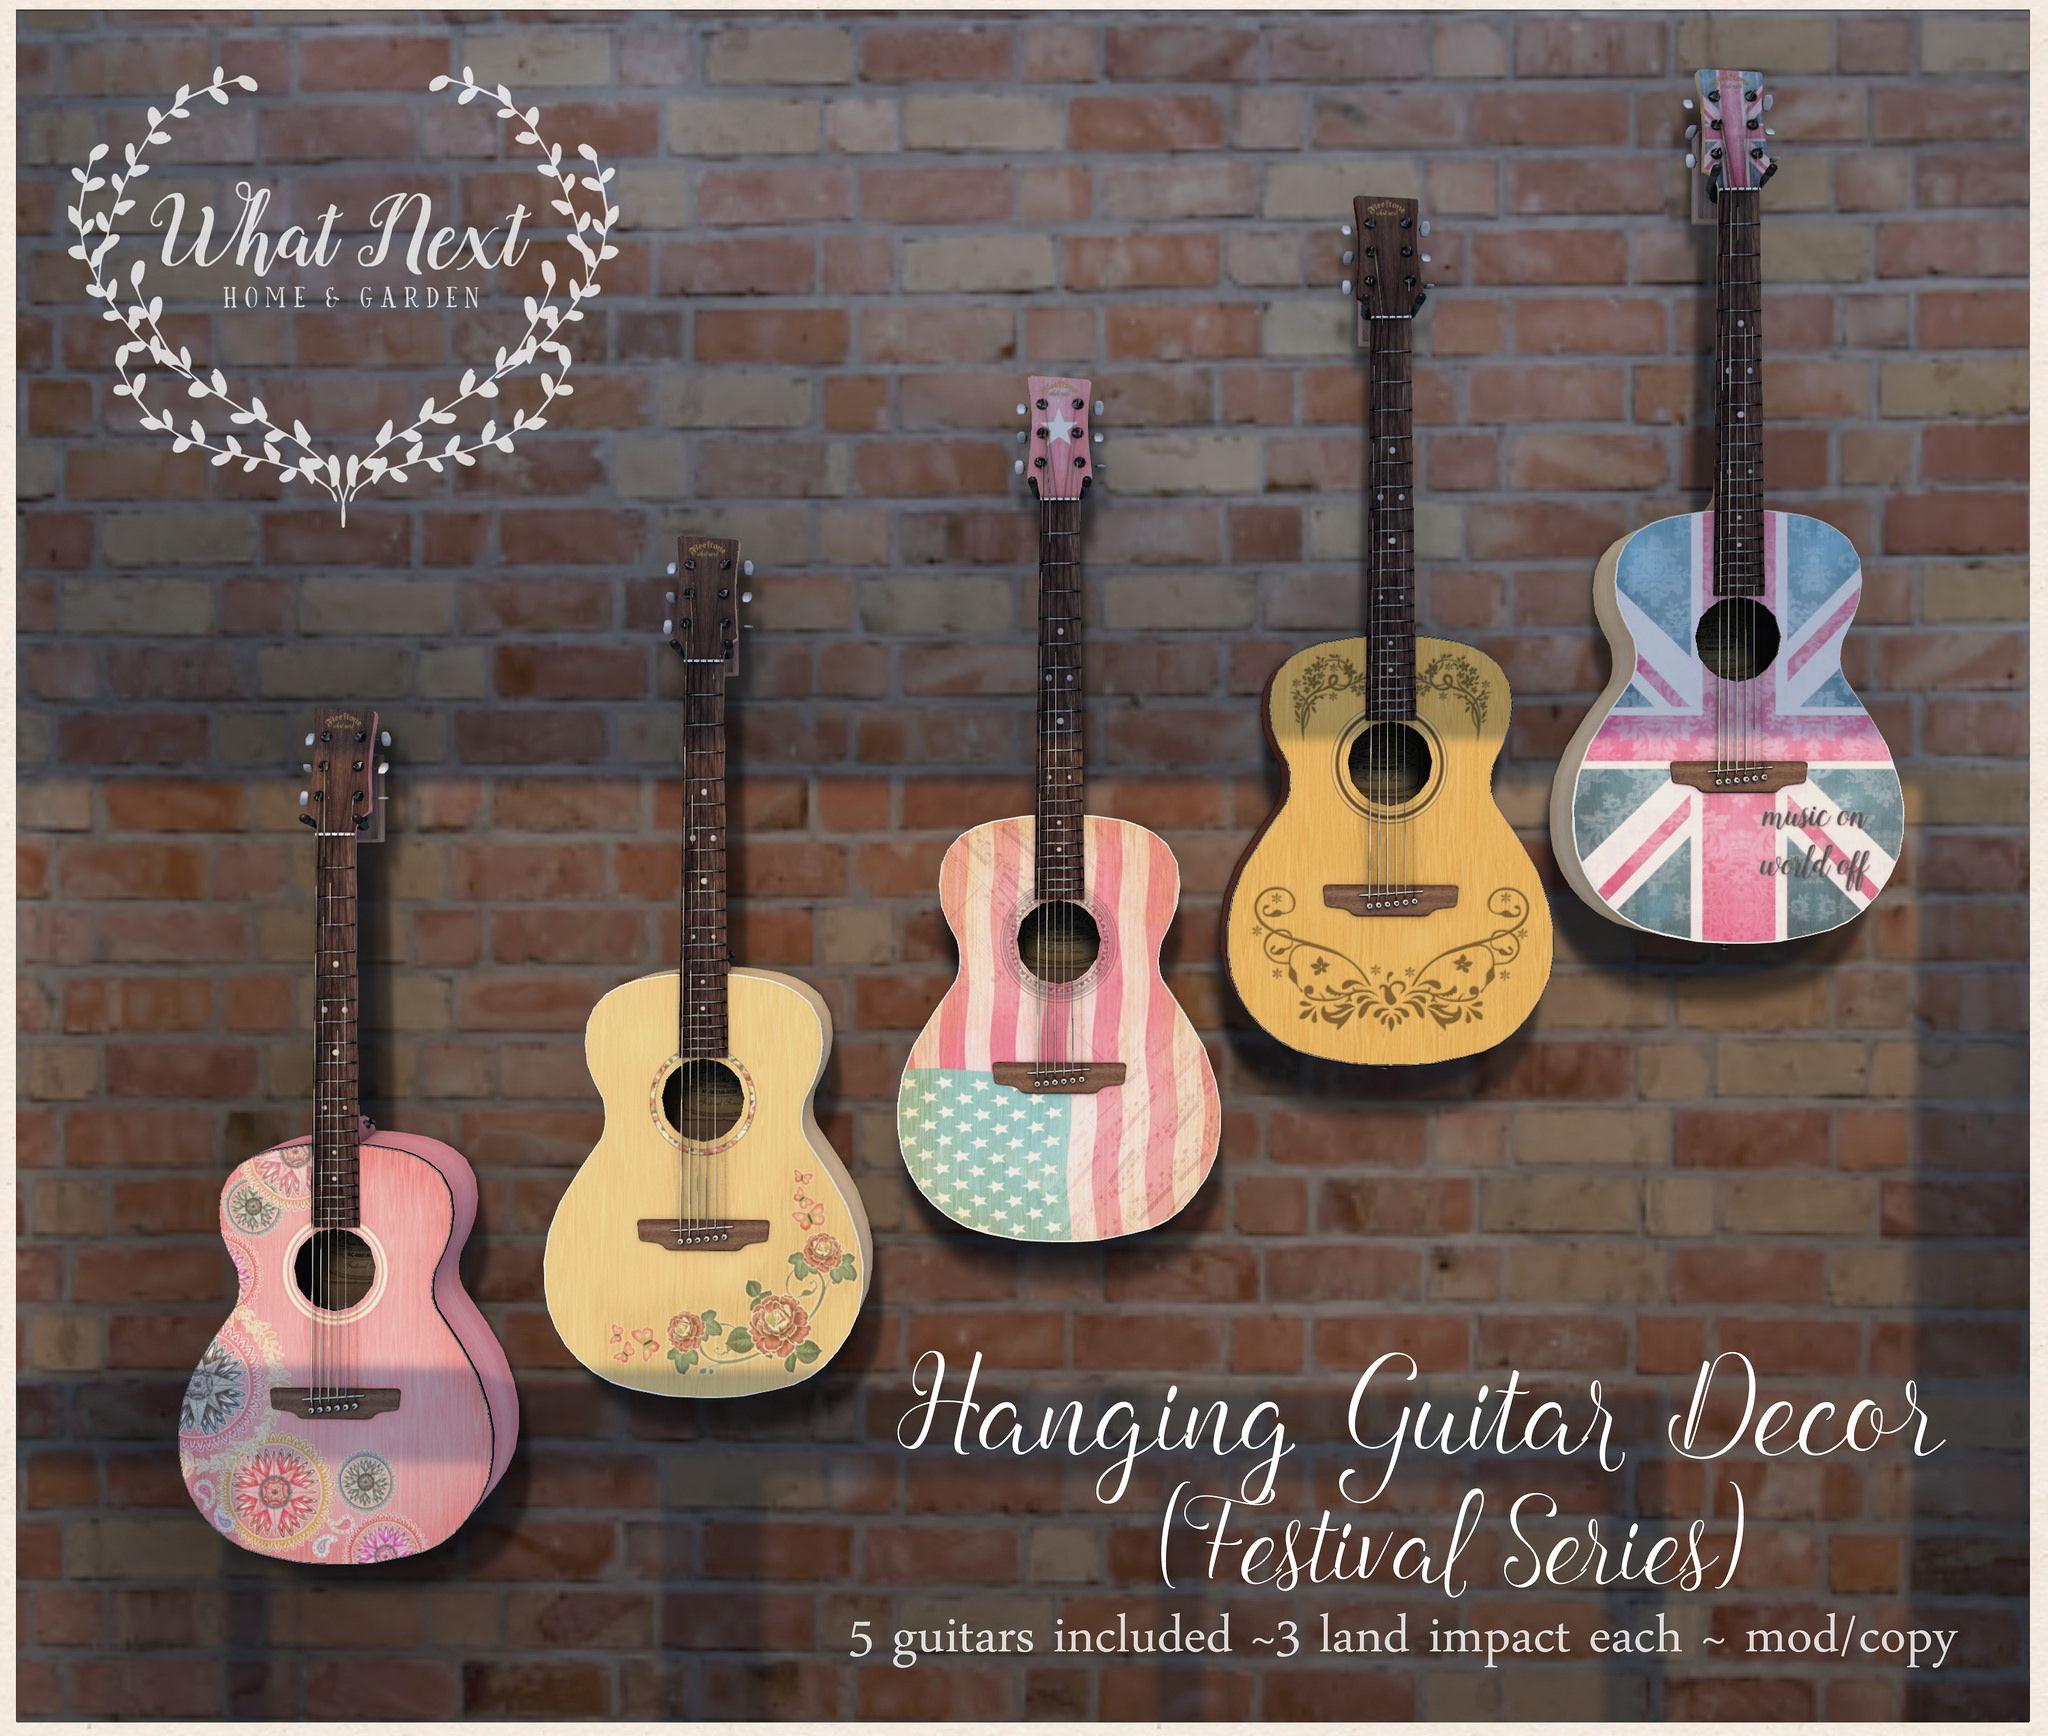 Guitar Decor festival for